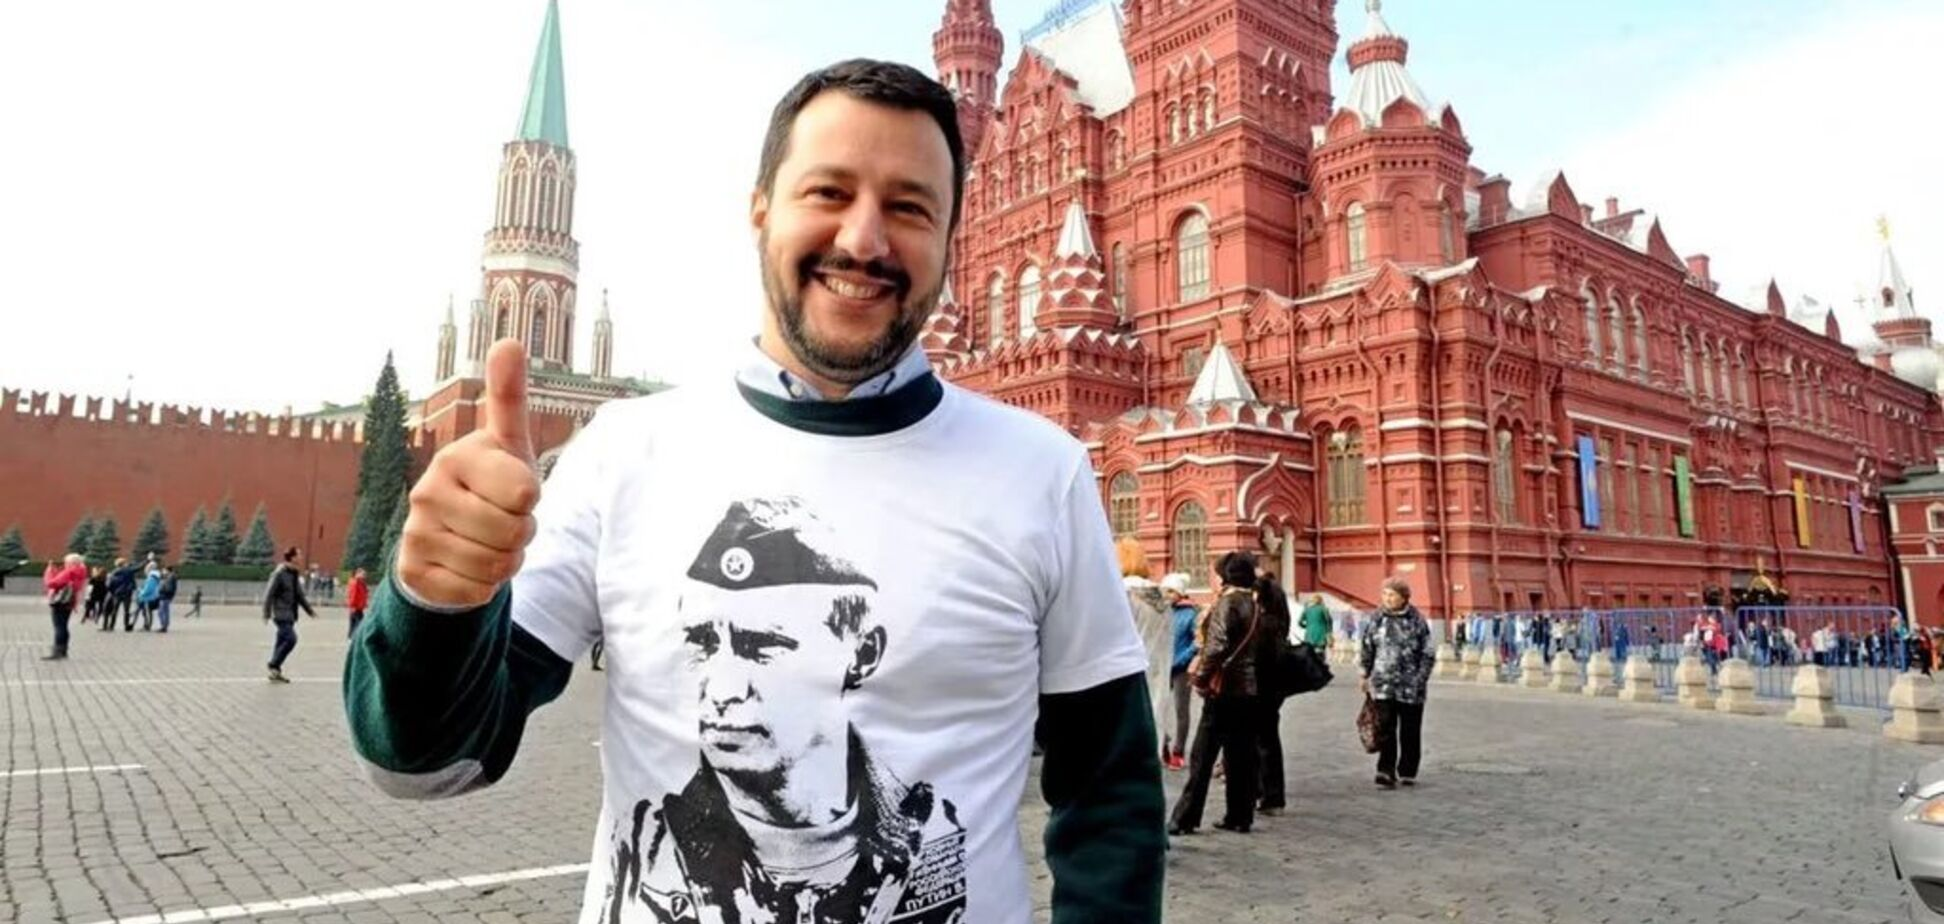 'Ескалатор зроблений українцями': росіяни образилися на італійського друга Путіна через 'п'яниць'